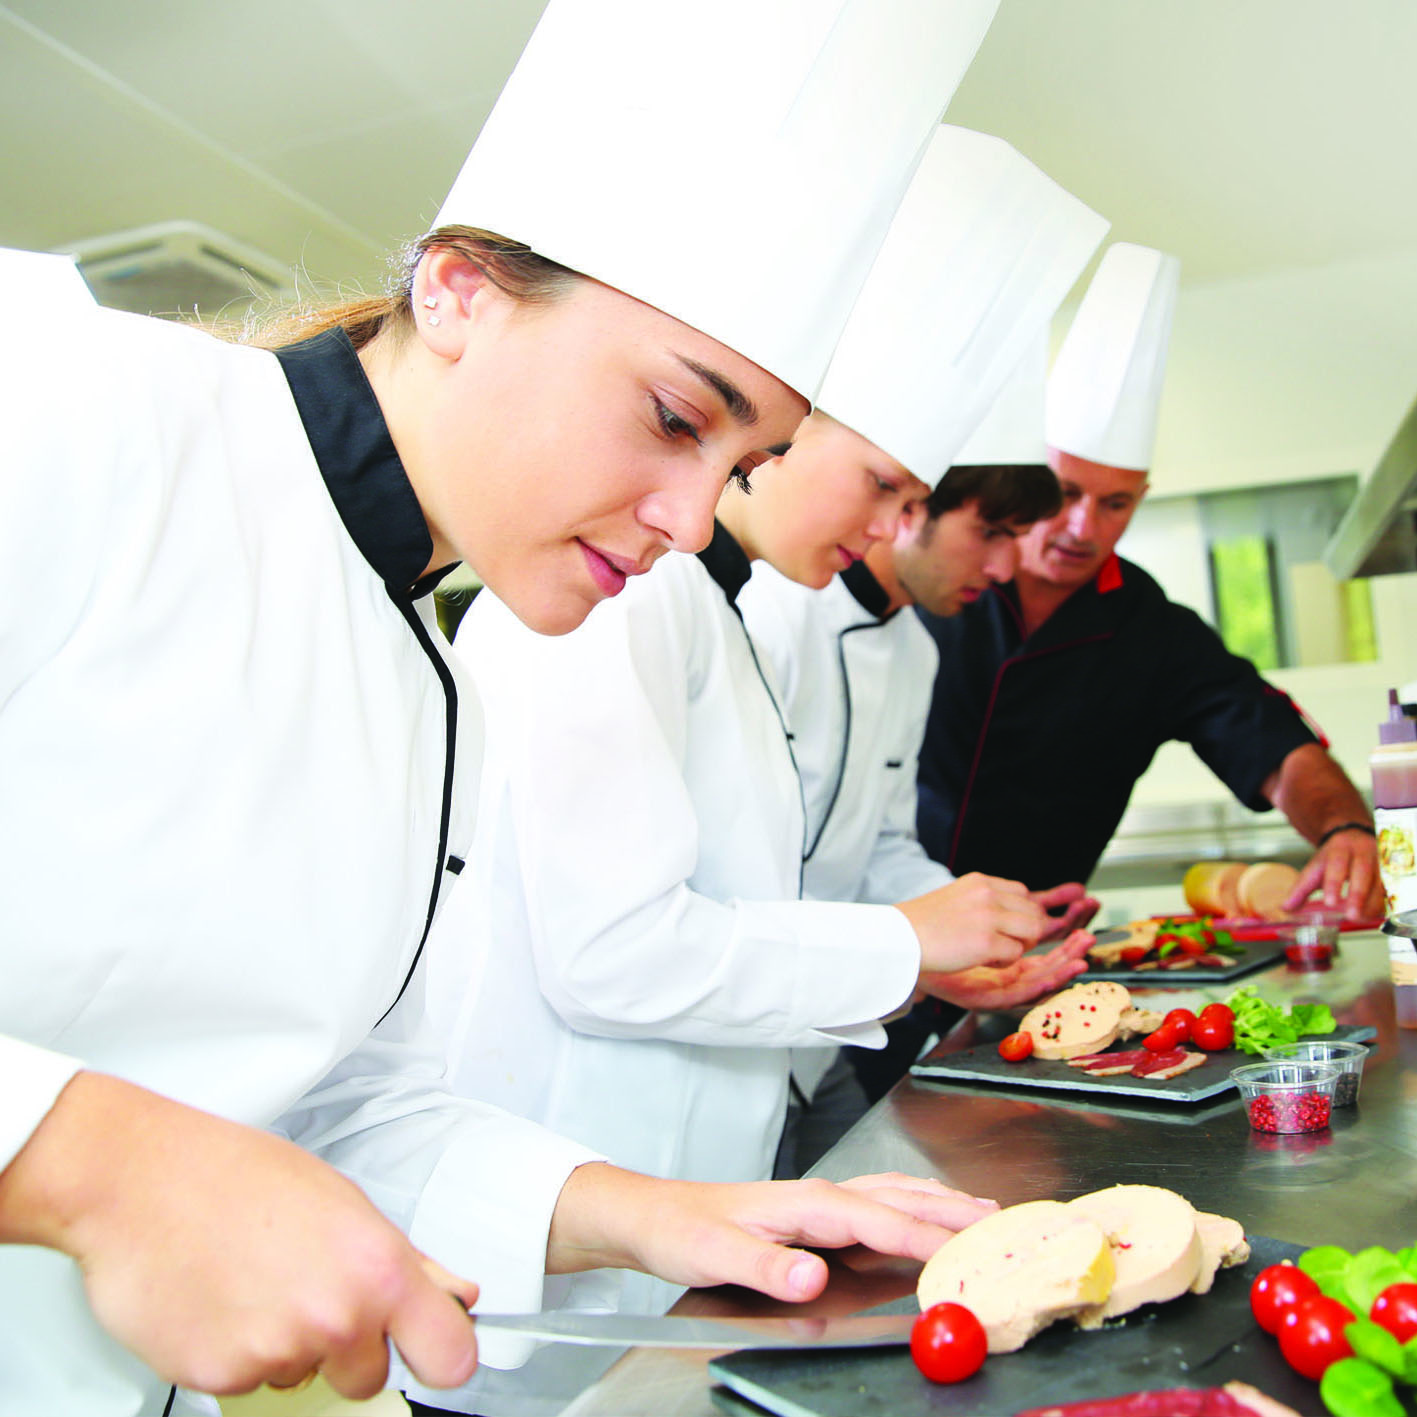 Operatore della ristorazione – Preparazione degli alimenti e allestimenti piatti